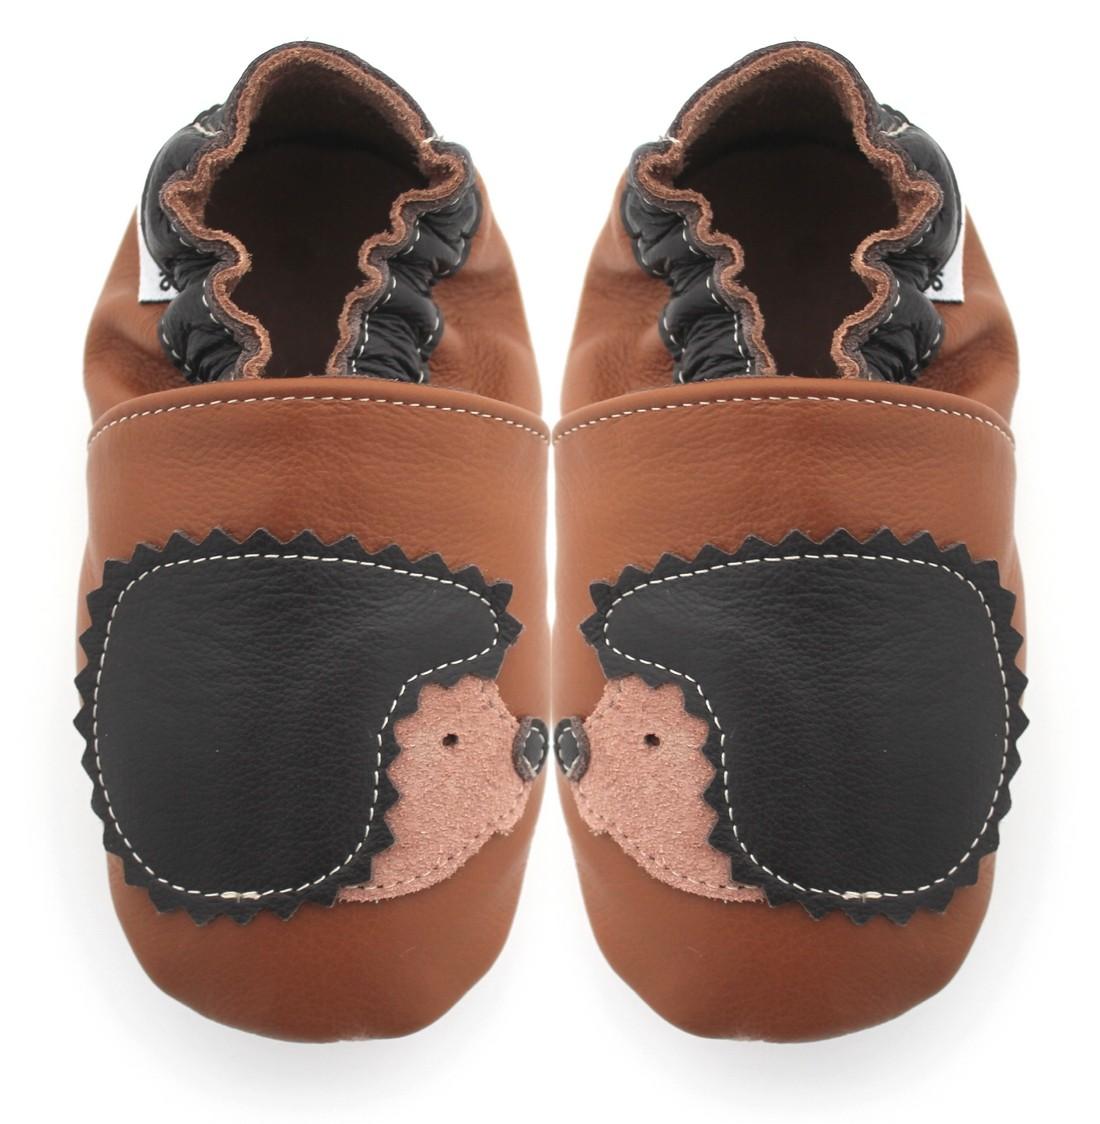 57061d5ae52ef Chaussons cuir souple enfants - Meli Melo bio